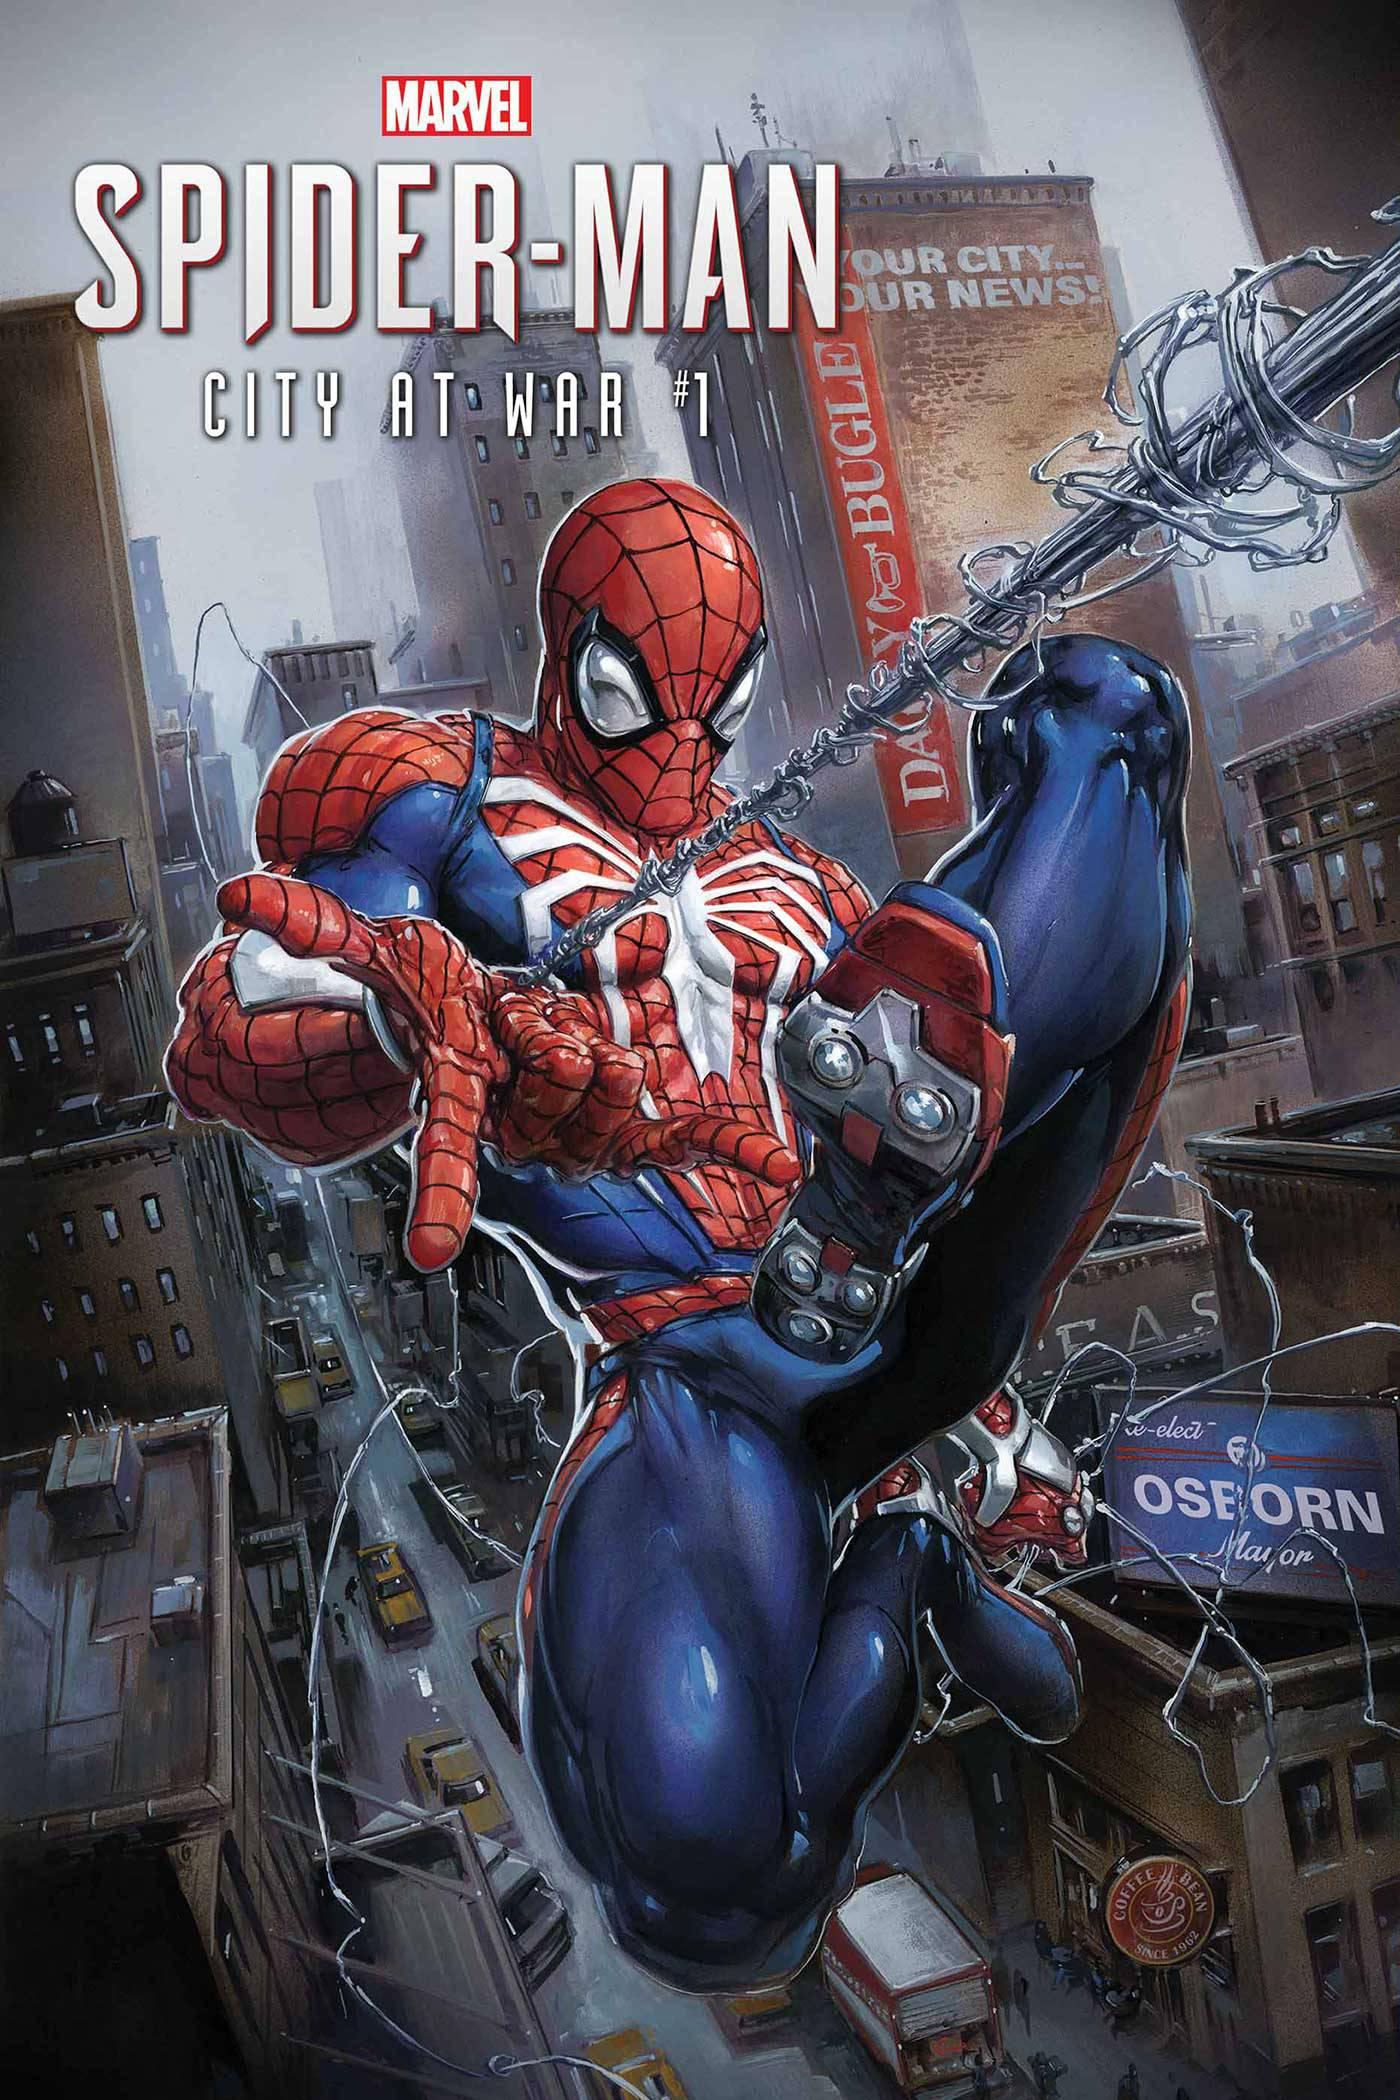 MARVELS SPIDER-MAN CITY AT WAR #1